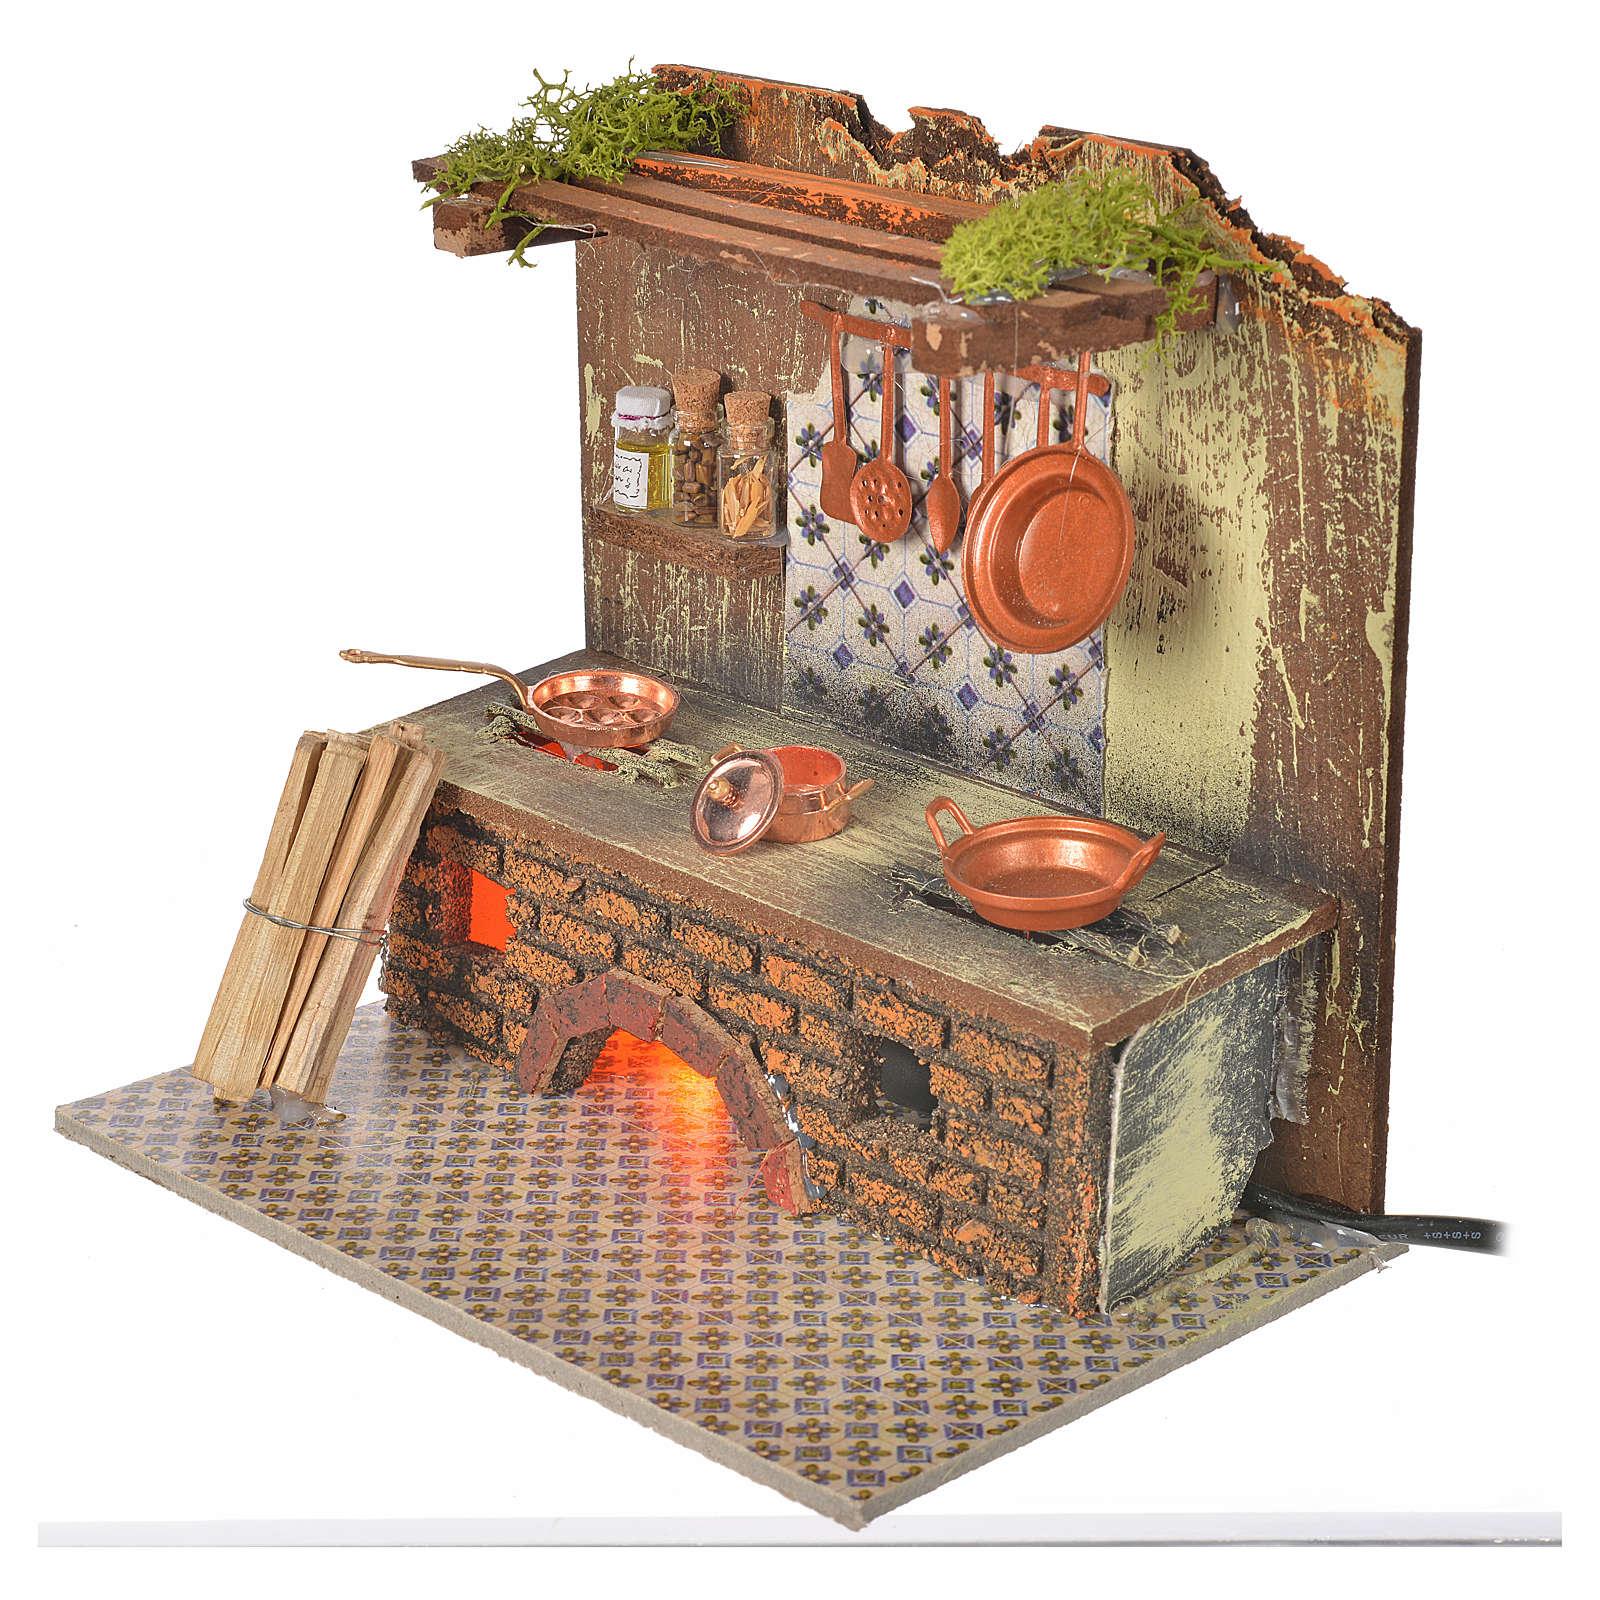 Cocina con bombilla efecto fuego y ollas cm. 20x14 4